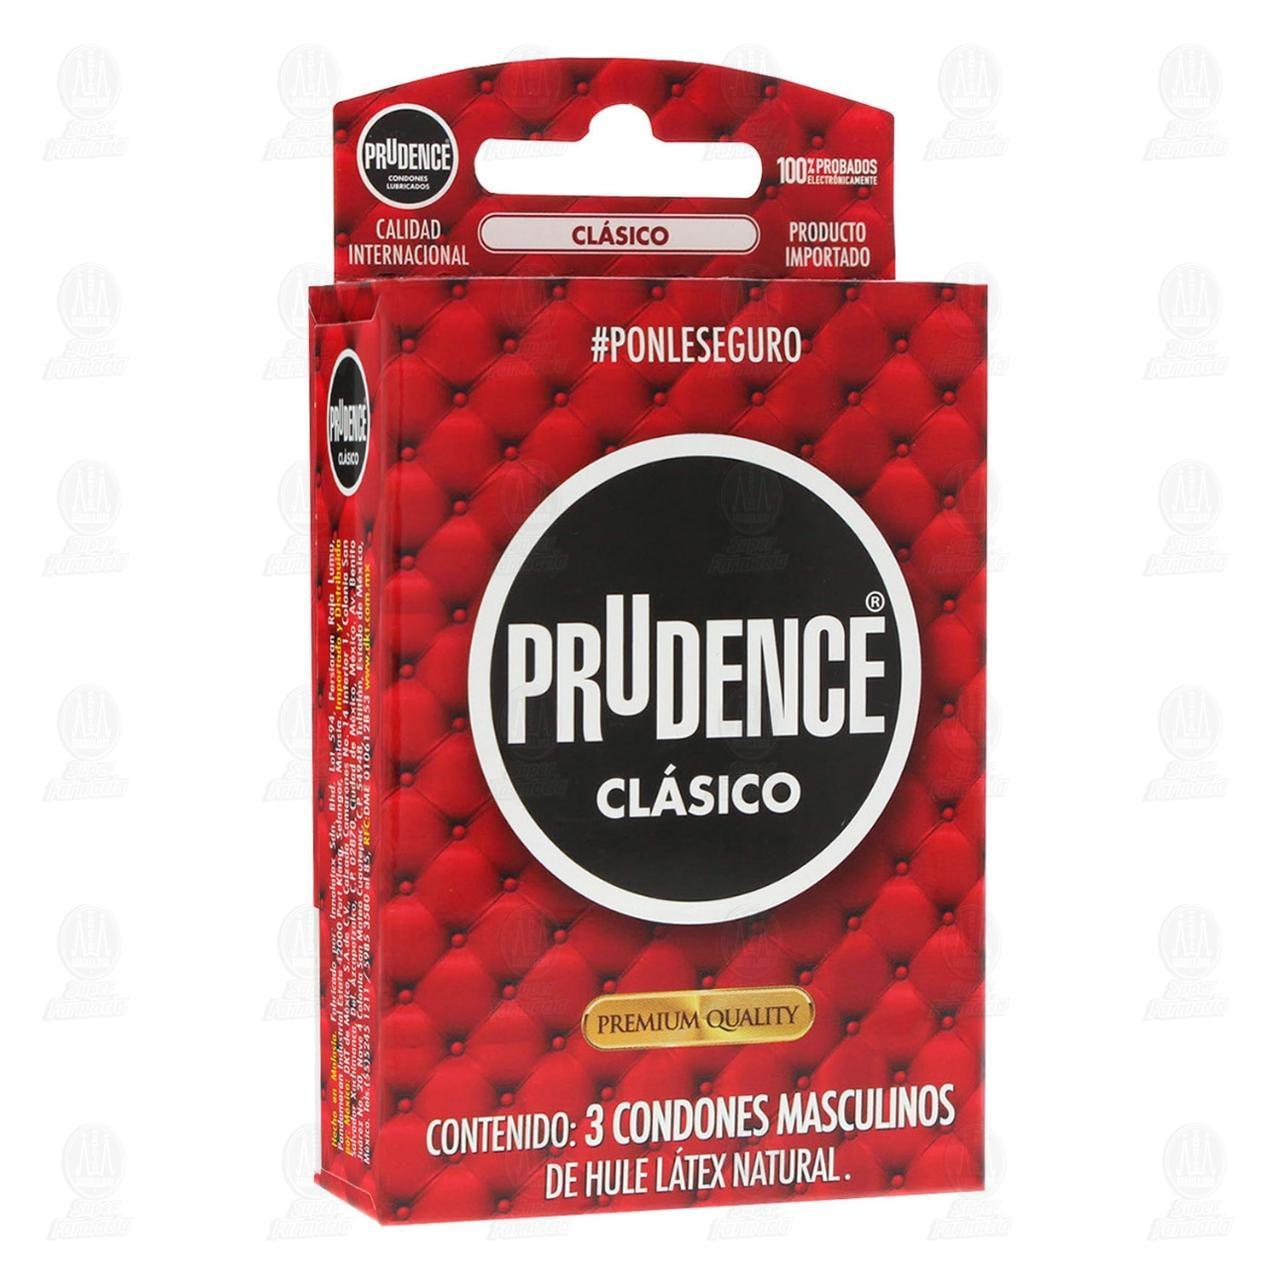 Comprar Prudence Clásico Condón 3pzas en Farmacias Guadalajara